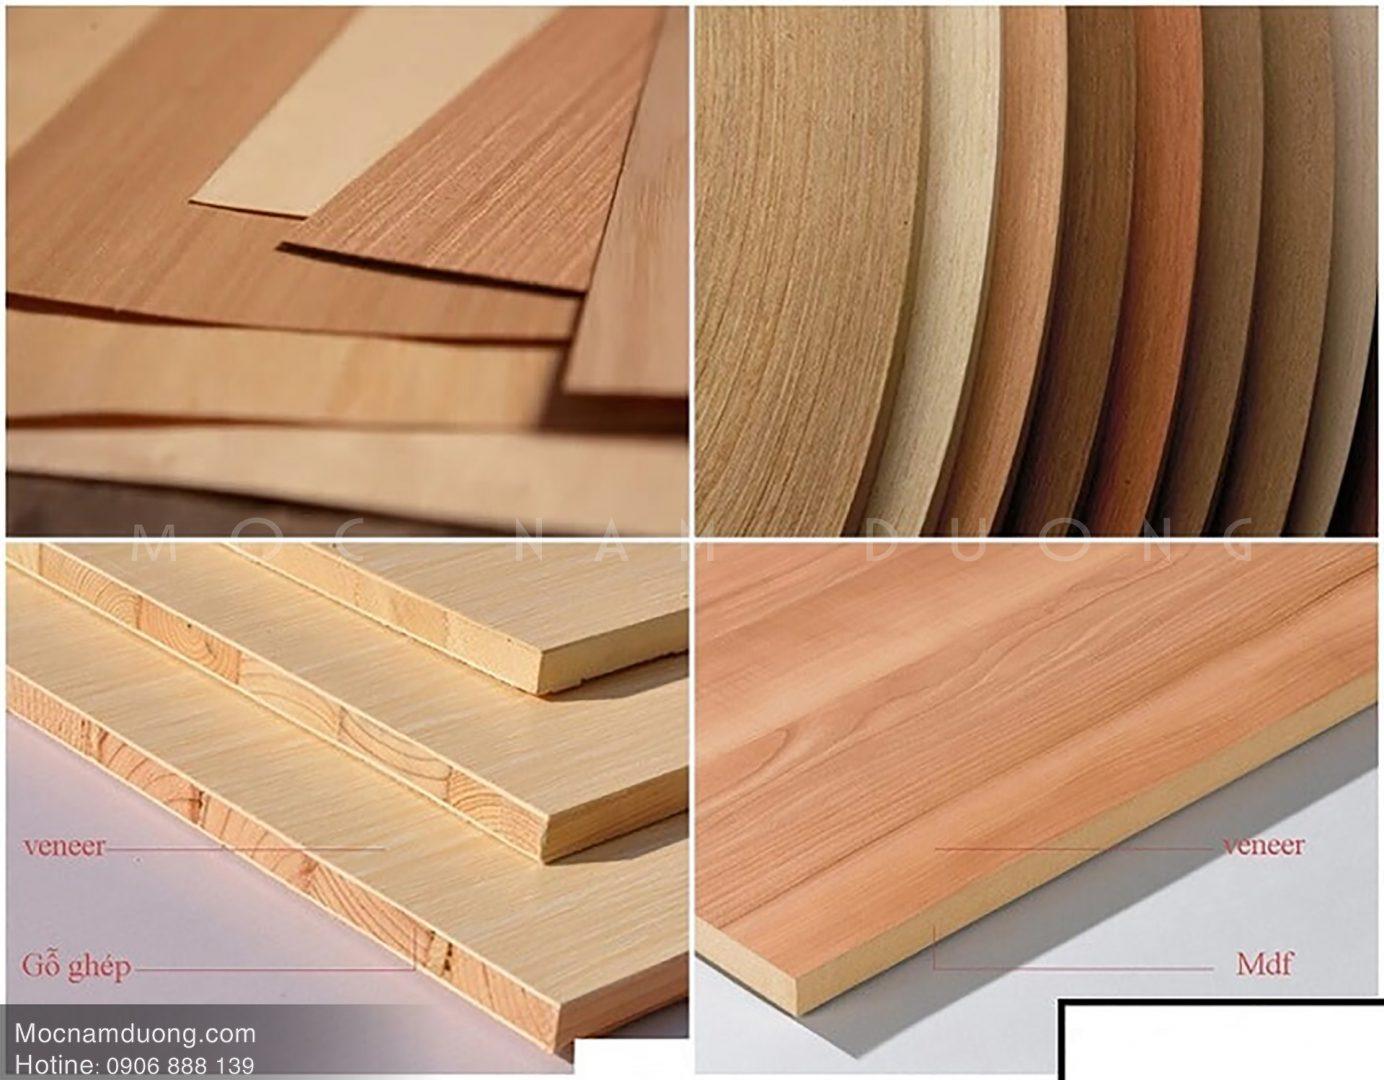 Tổng hợp kiến thức cần biết về gỗ veneer óc chó thi công nội thất